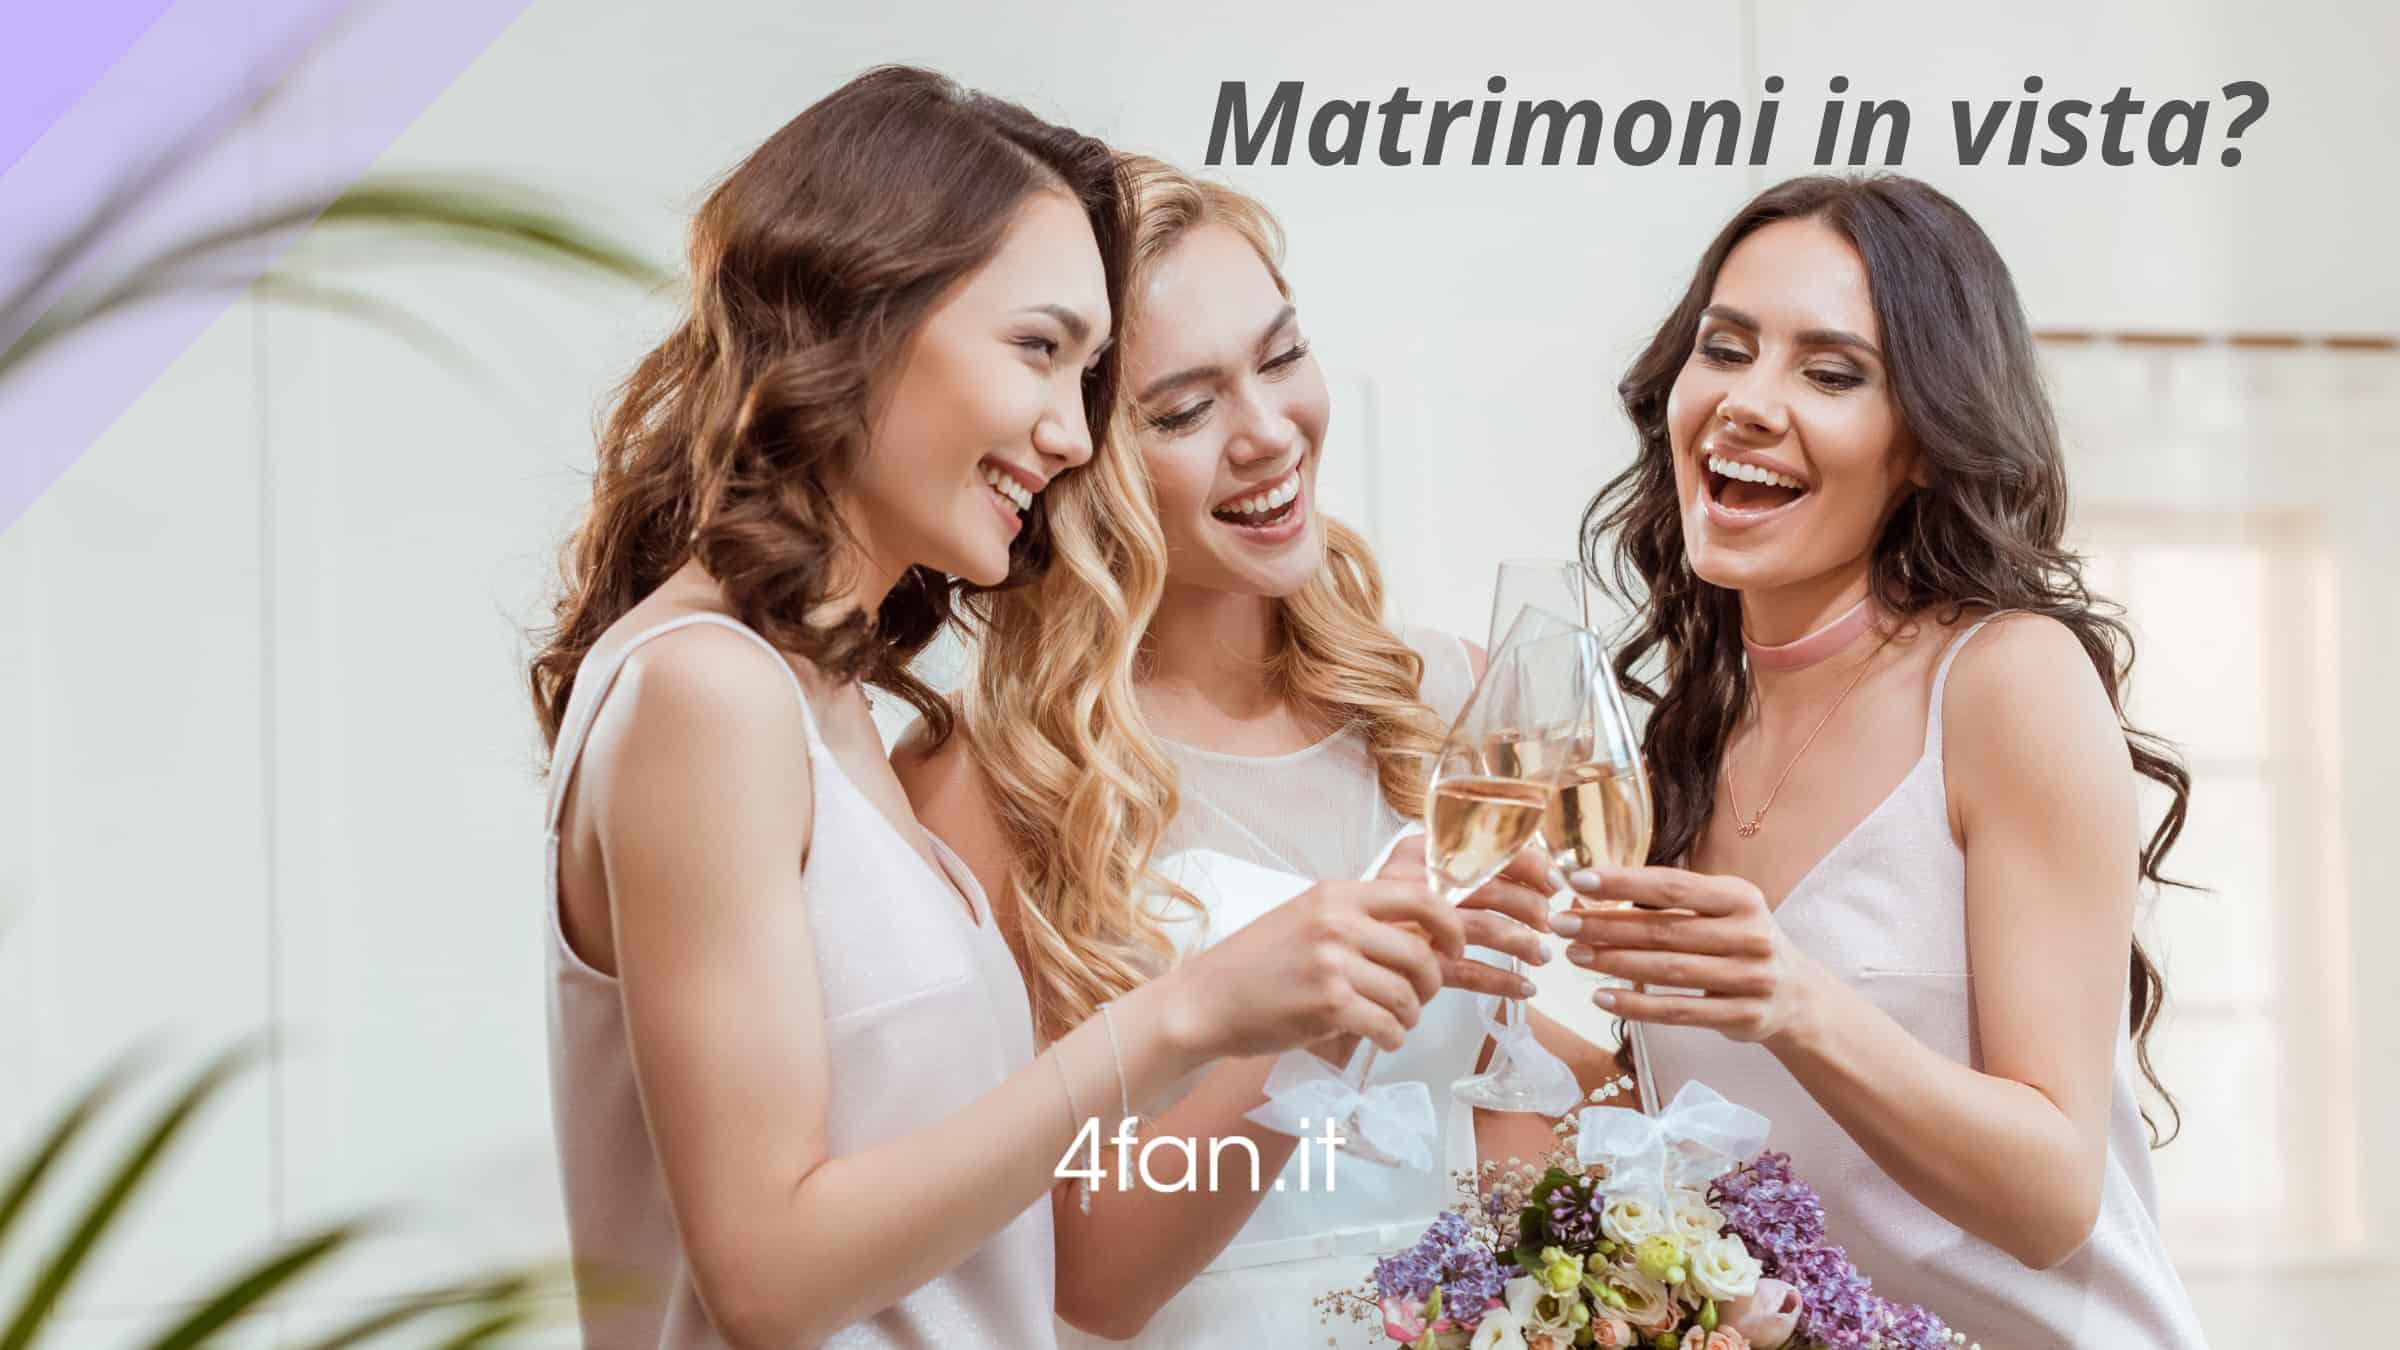 Matrimoni in vista. Copertina del post